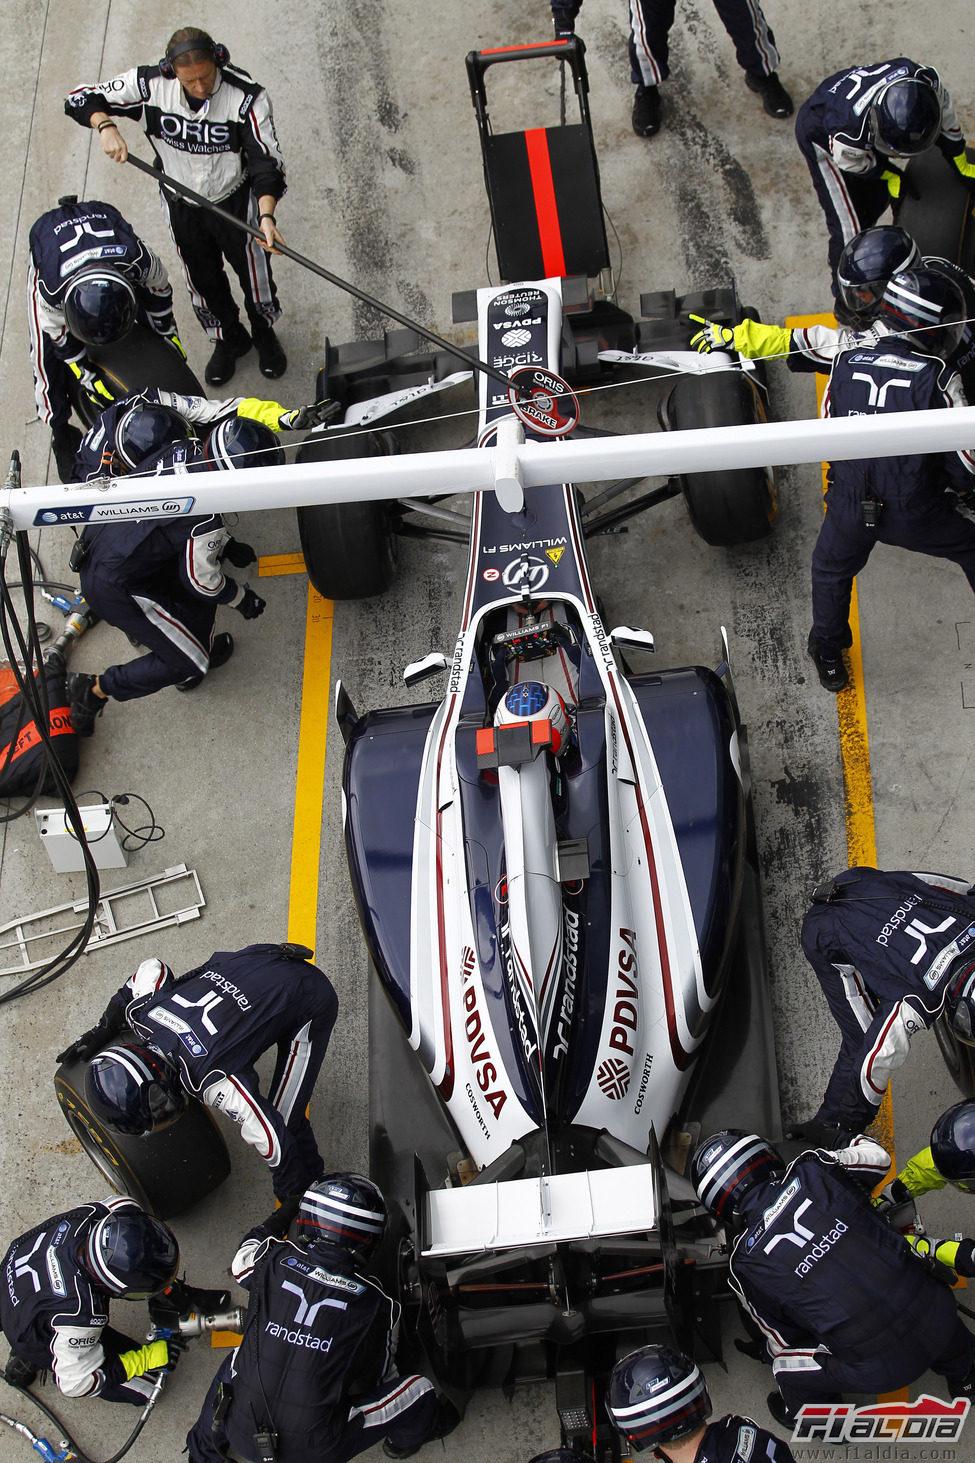 Parada en boxes para Rubens Barrichello